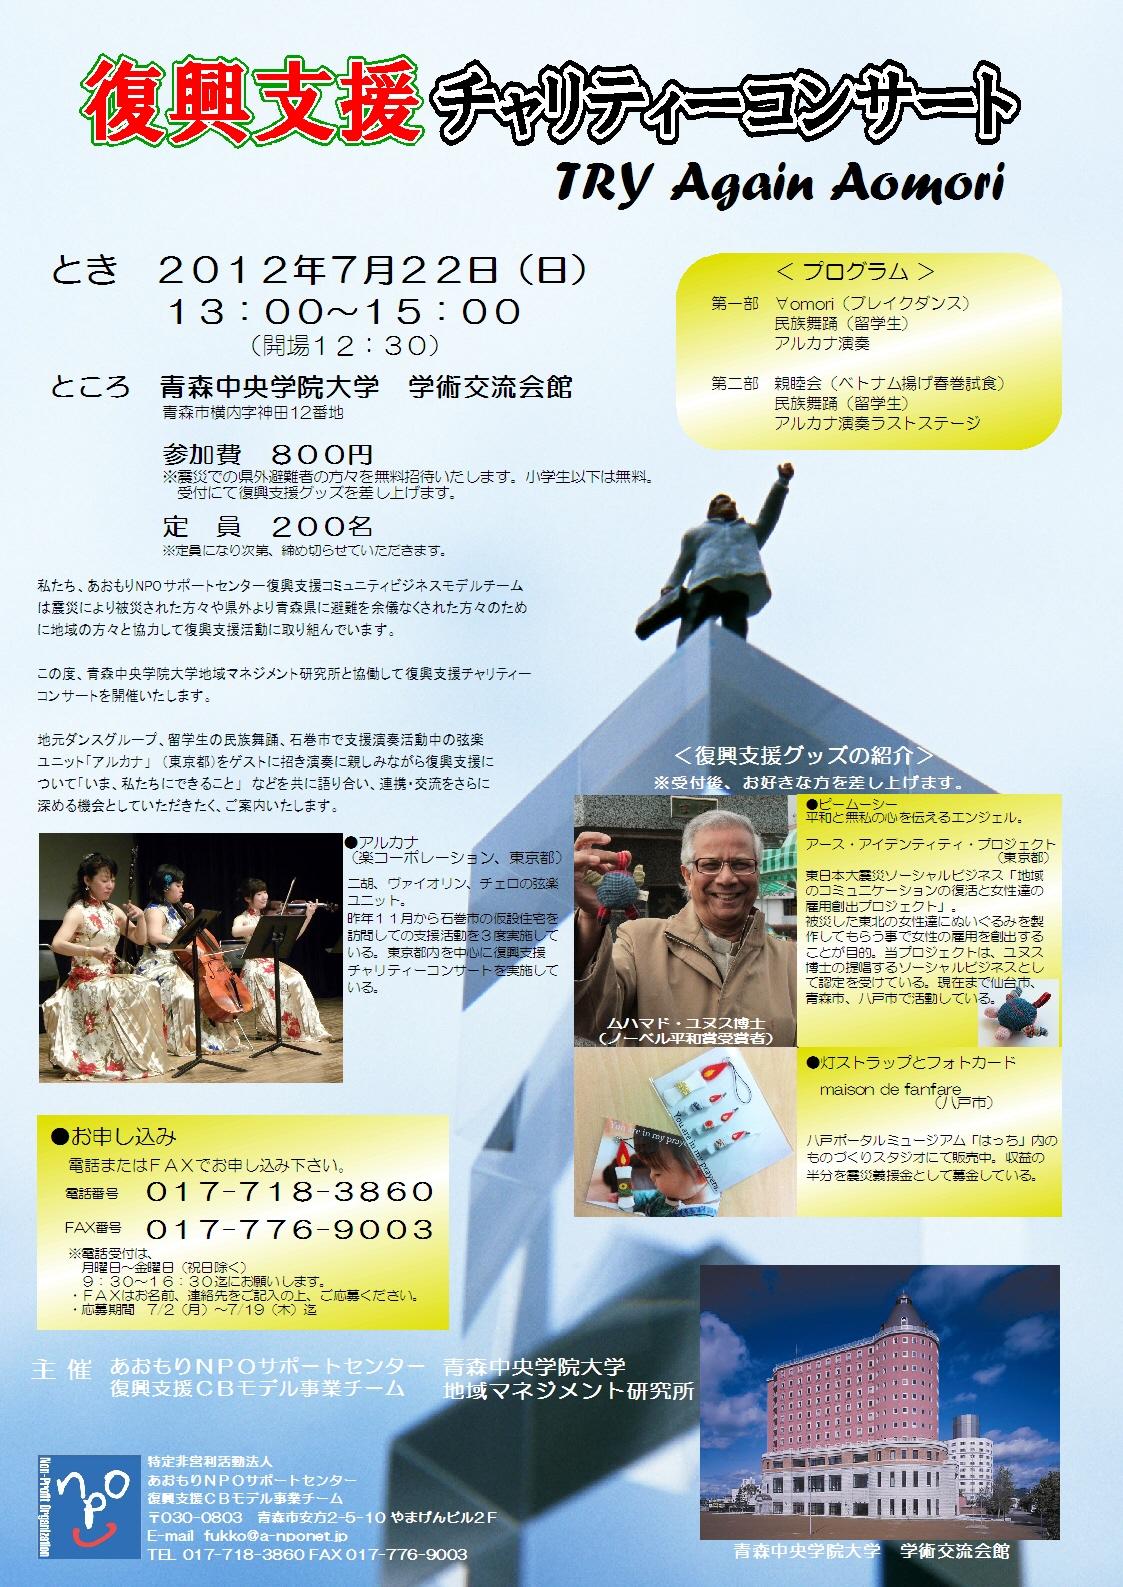 【7/22(日)】復興支援チャリティーコンサート開催!!